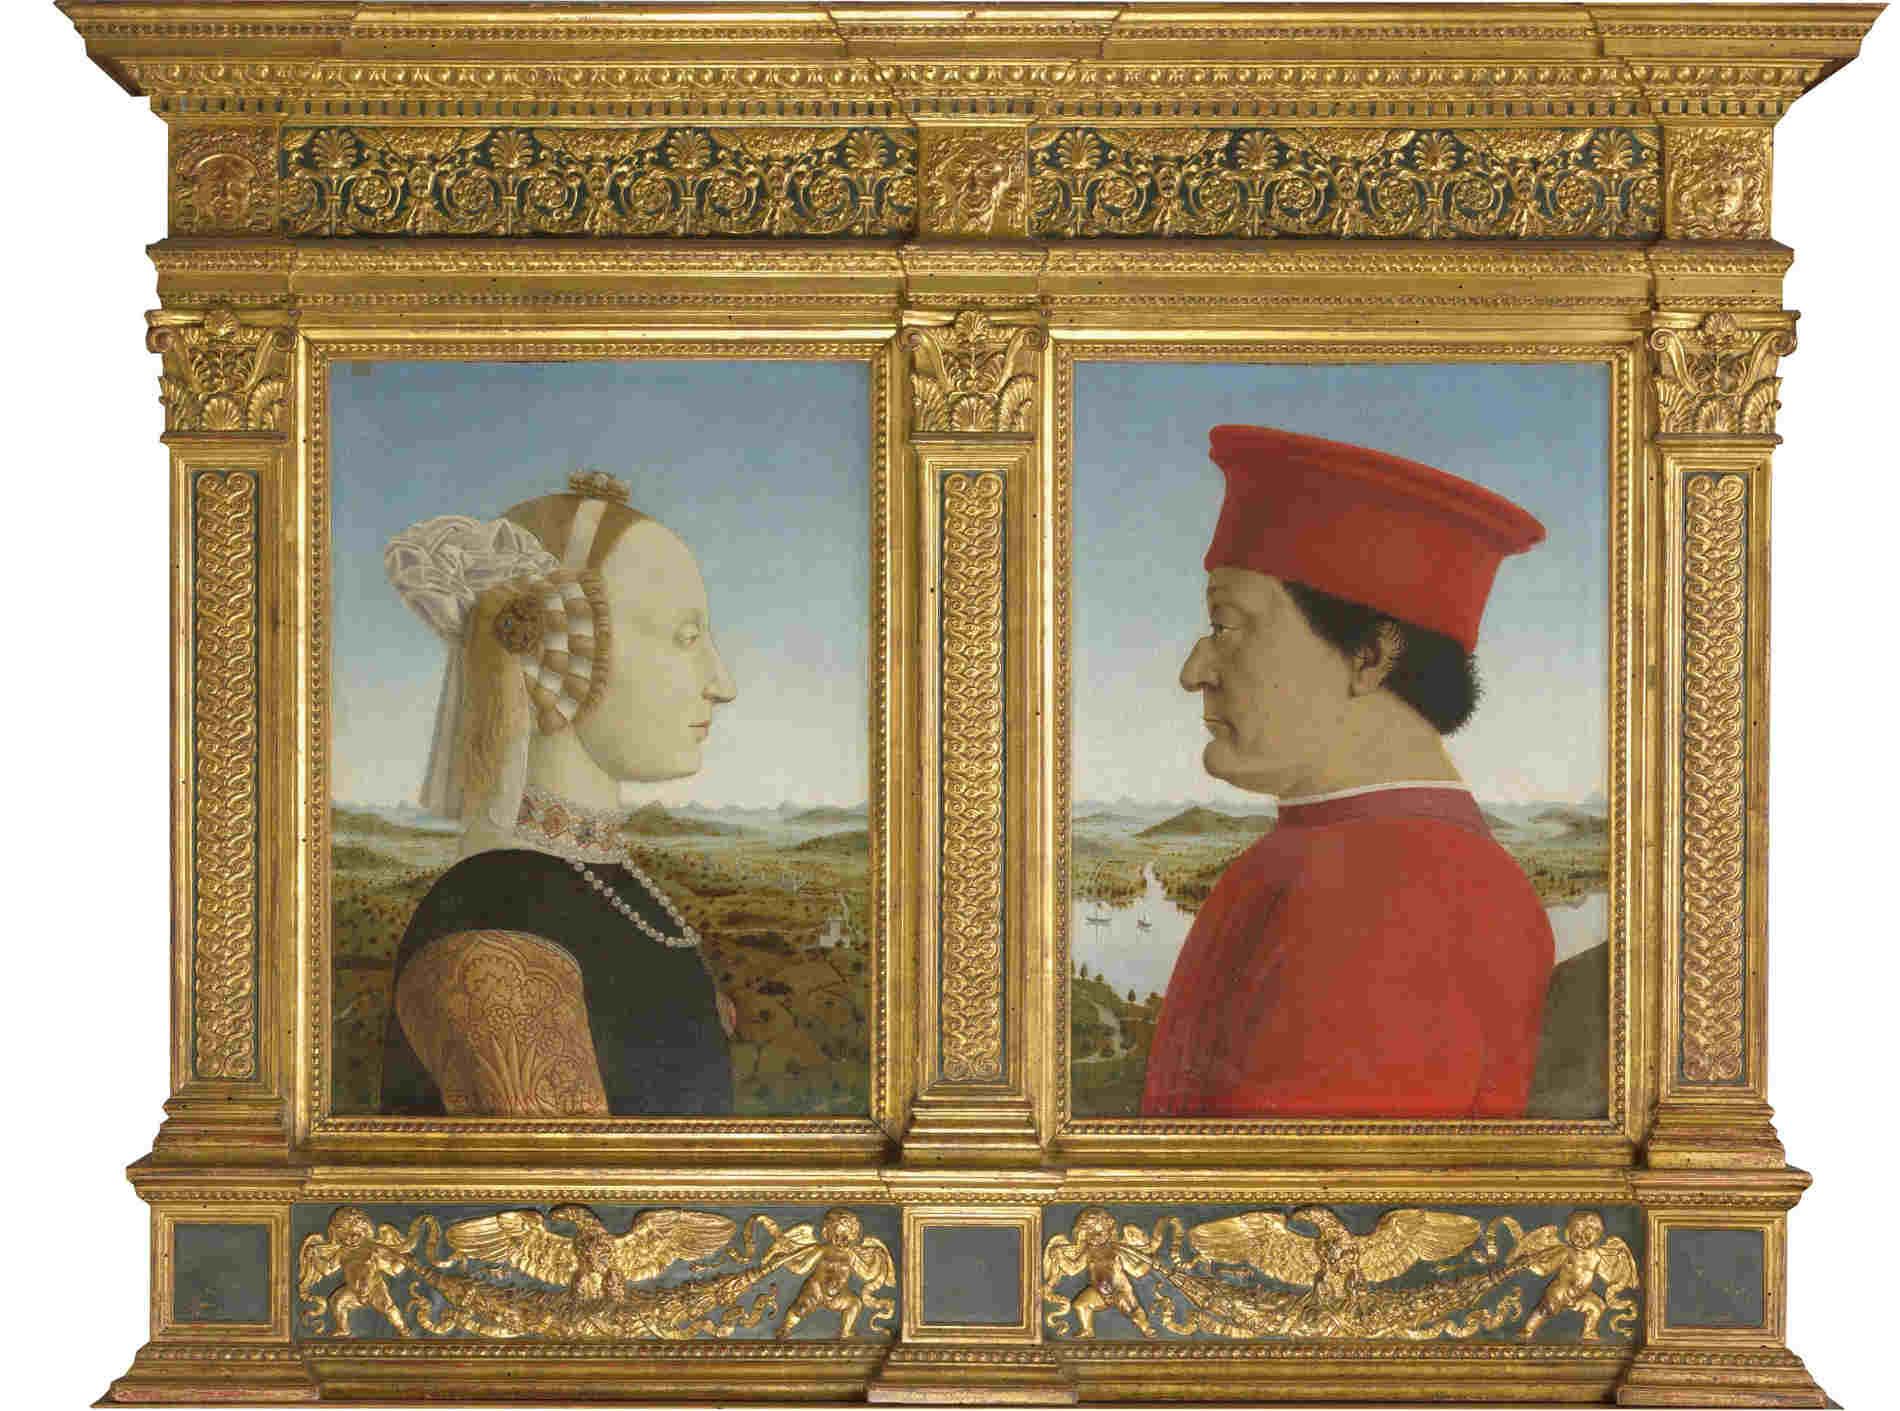 ritratto dei Duchi di Urbino di Piero della Francesca visita virtuale agli uffizi a Firenze